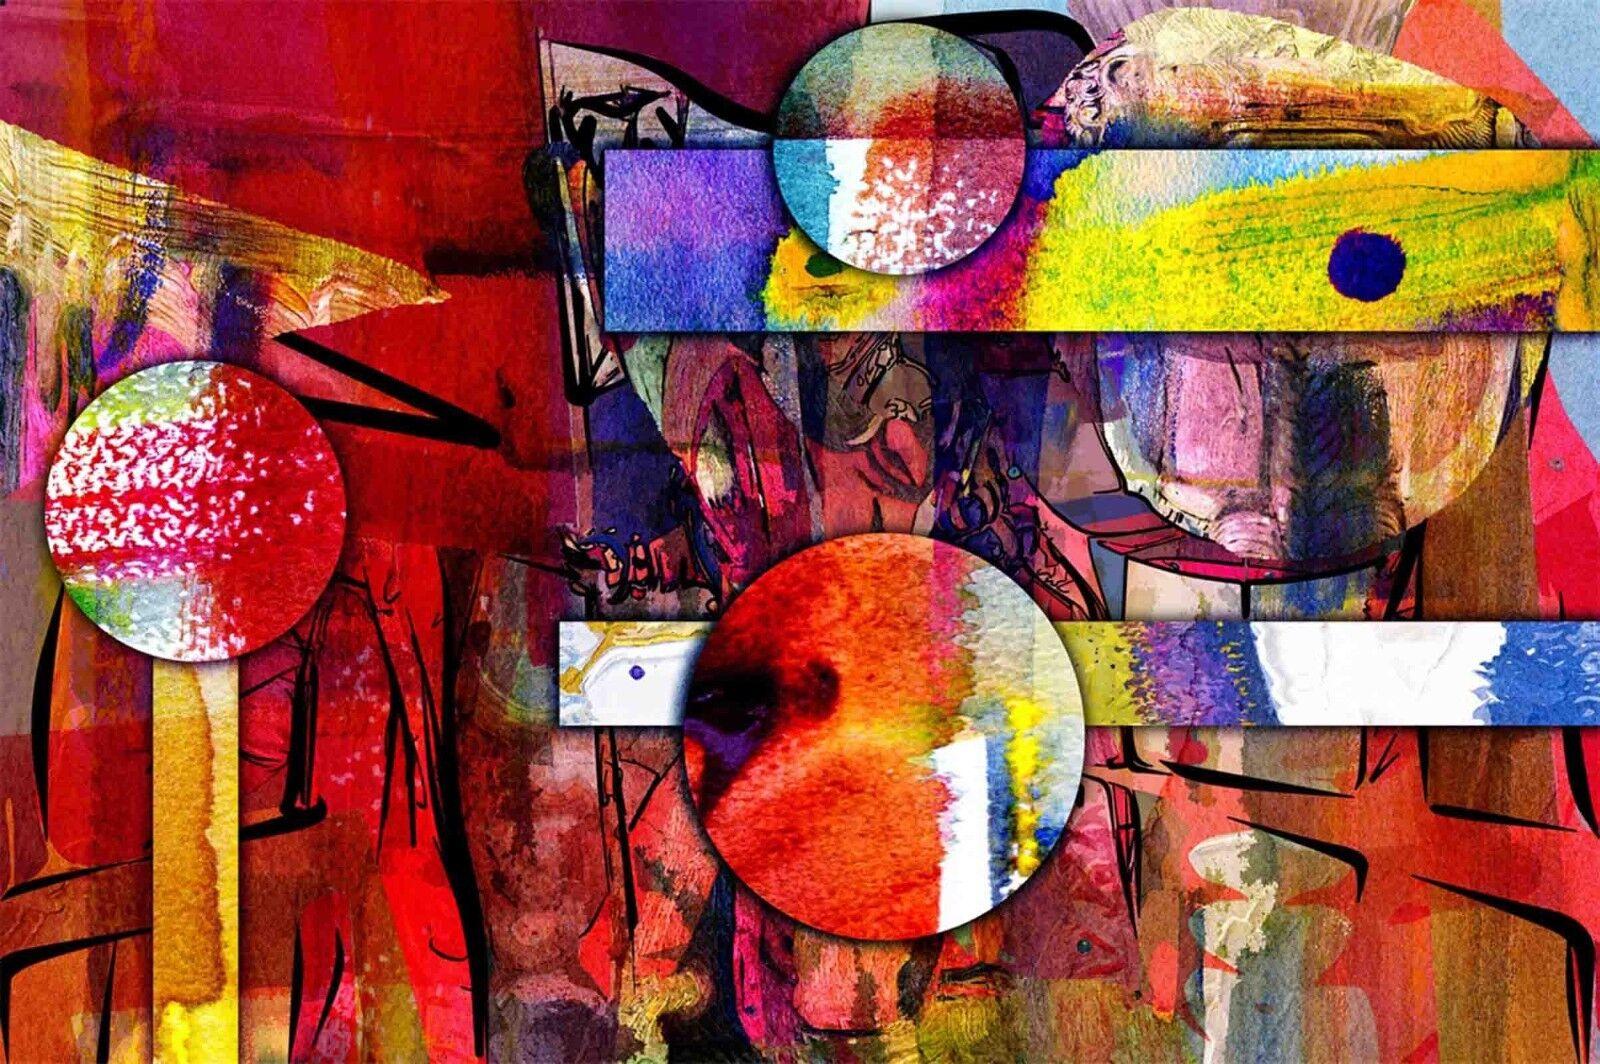 3D Farb Gekritzel Geometrie Geometrie Geometrie 789 Tapete Wandgemälde Tapeten Bild Familie DE Lemon | Wunderbar  | Große Auswahl  |  c63859